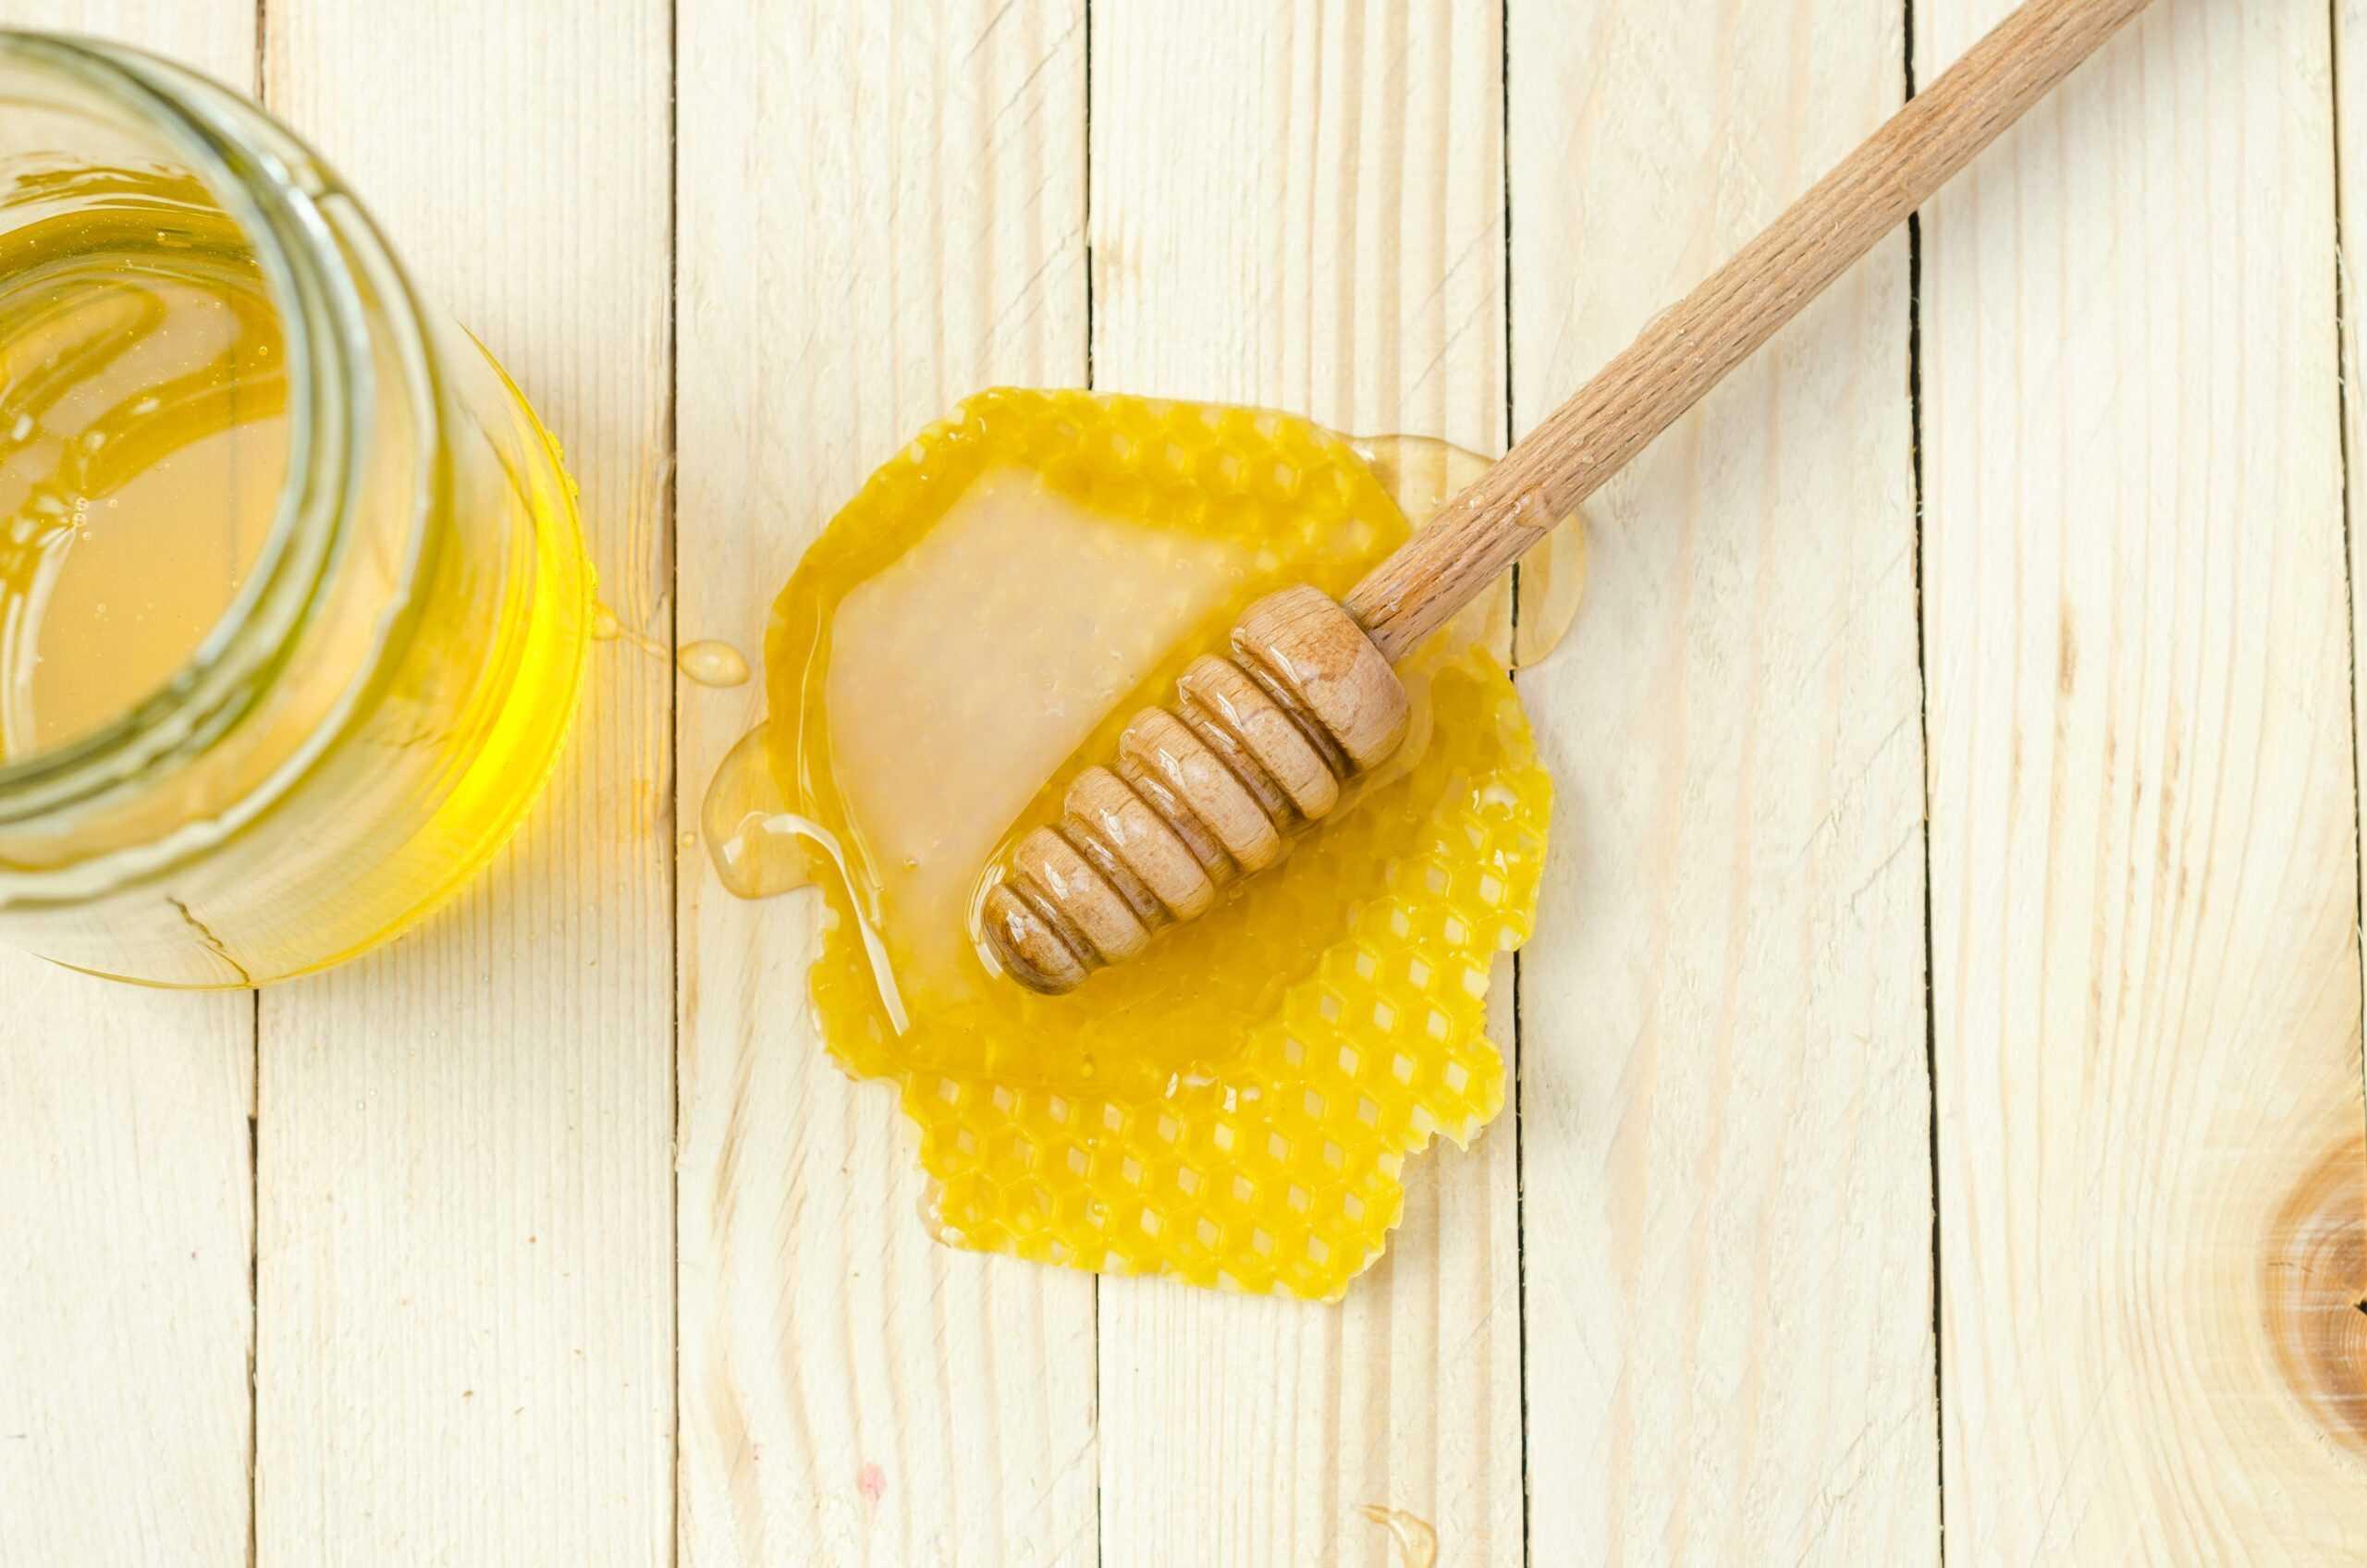 Катар відкрив ринок для українських виробників меду